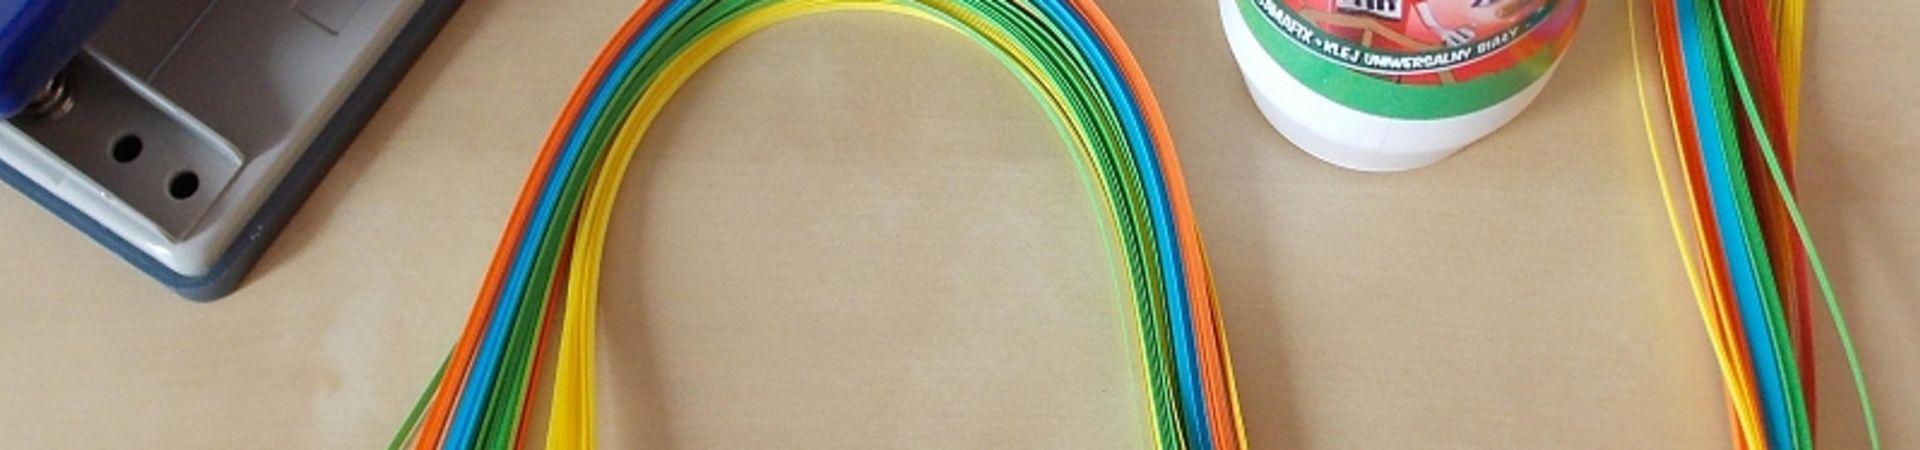 MOBILNÍ KREATIVNÍ VÝTVARNÉ DÍLNY - Quilling – tvoření z proužků papíru